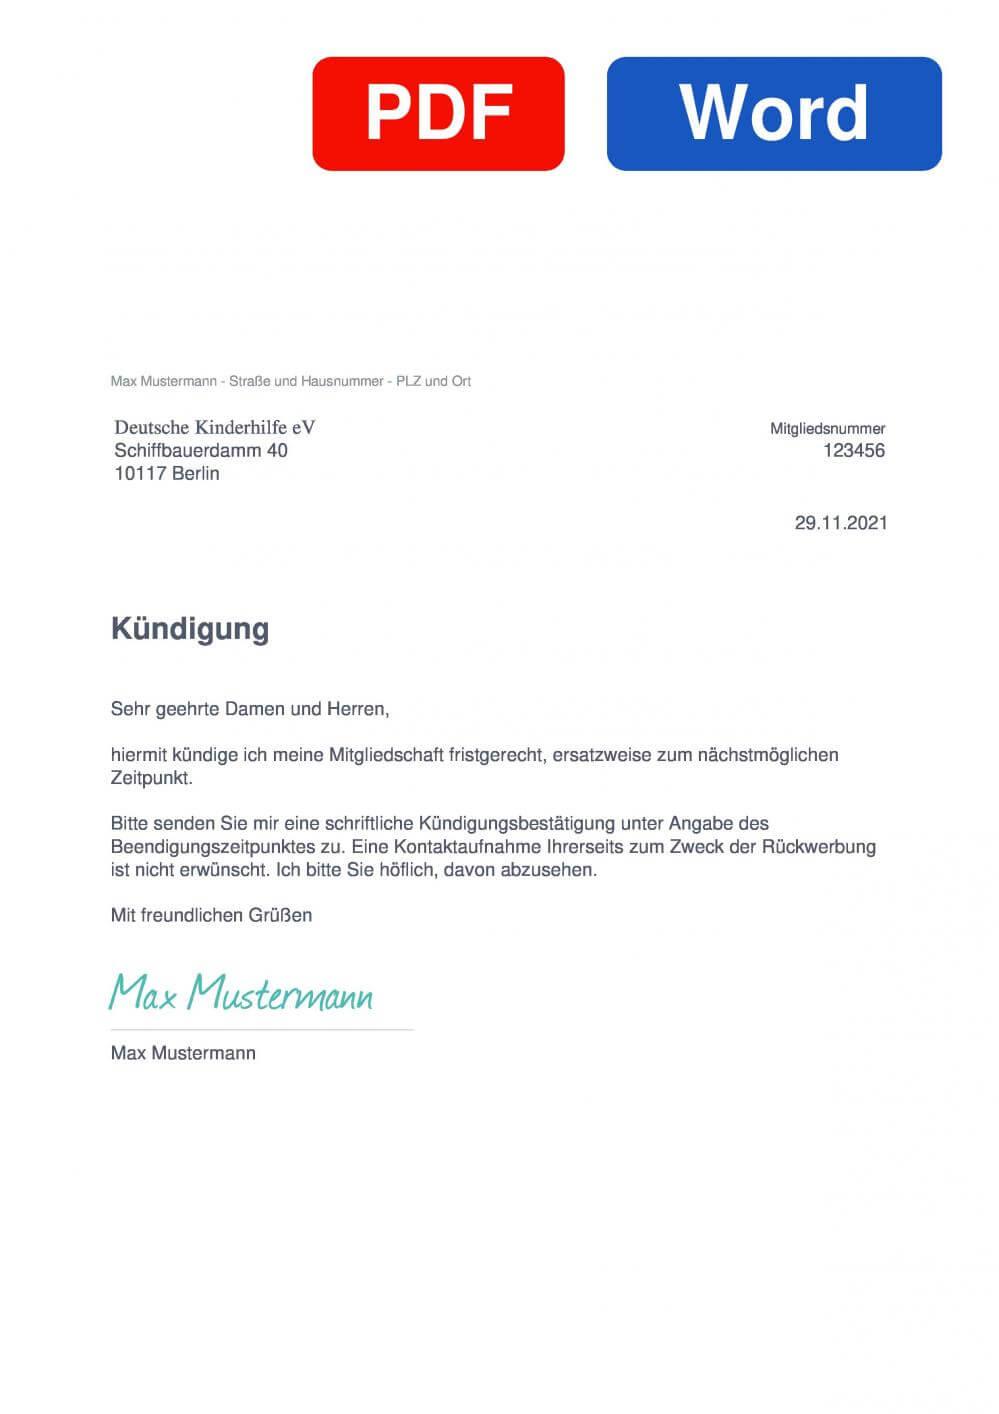 Deutsche Kinderhilfe Muster Vorlage für Kündigungsschreiben